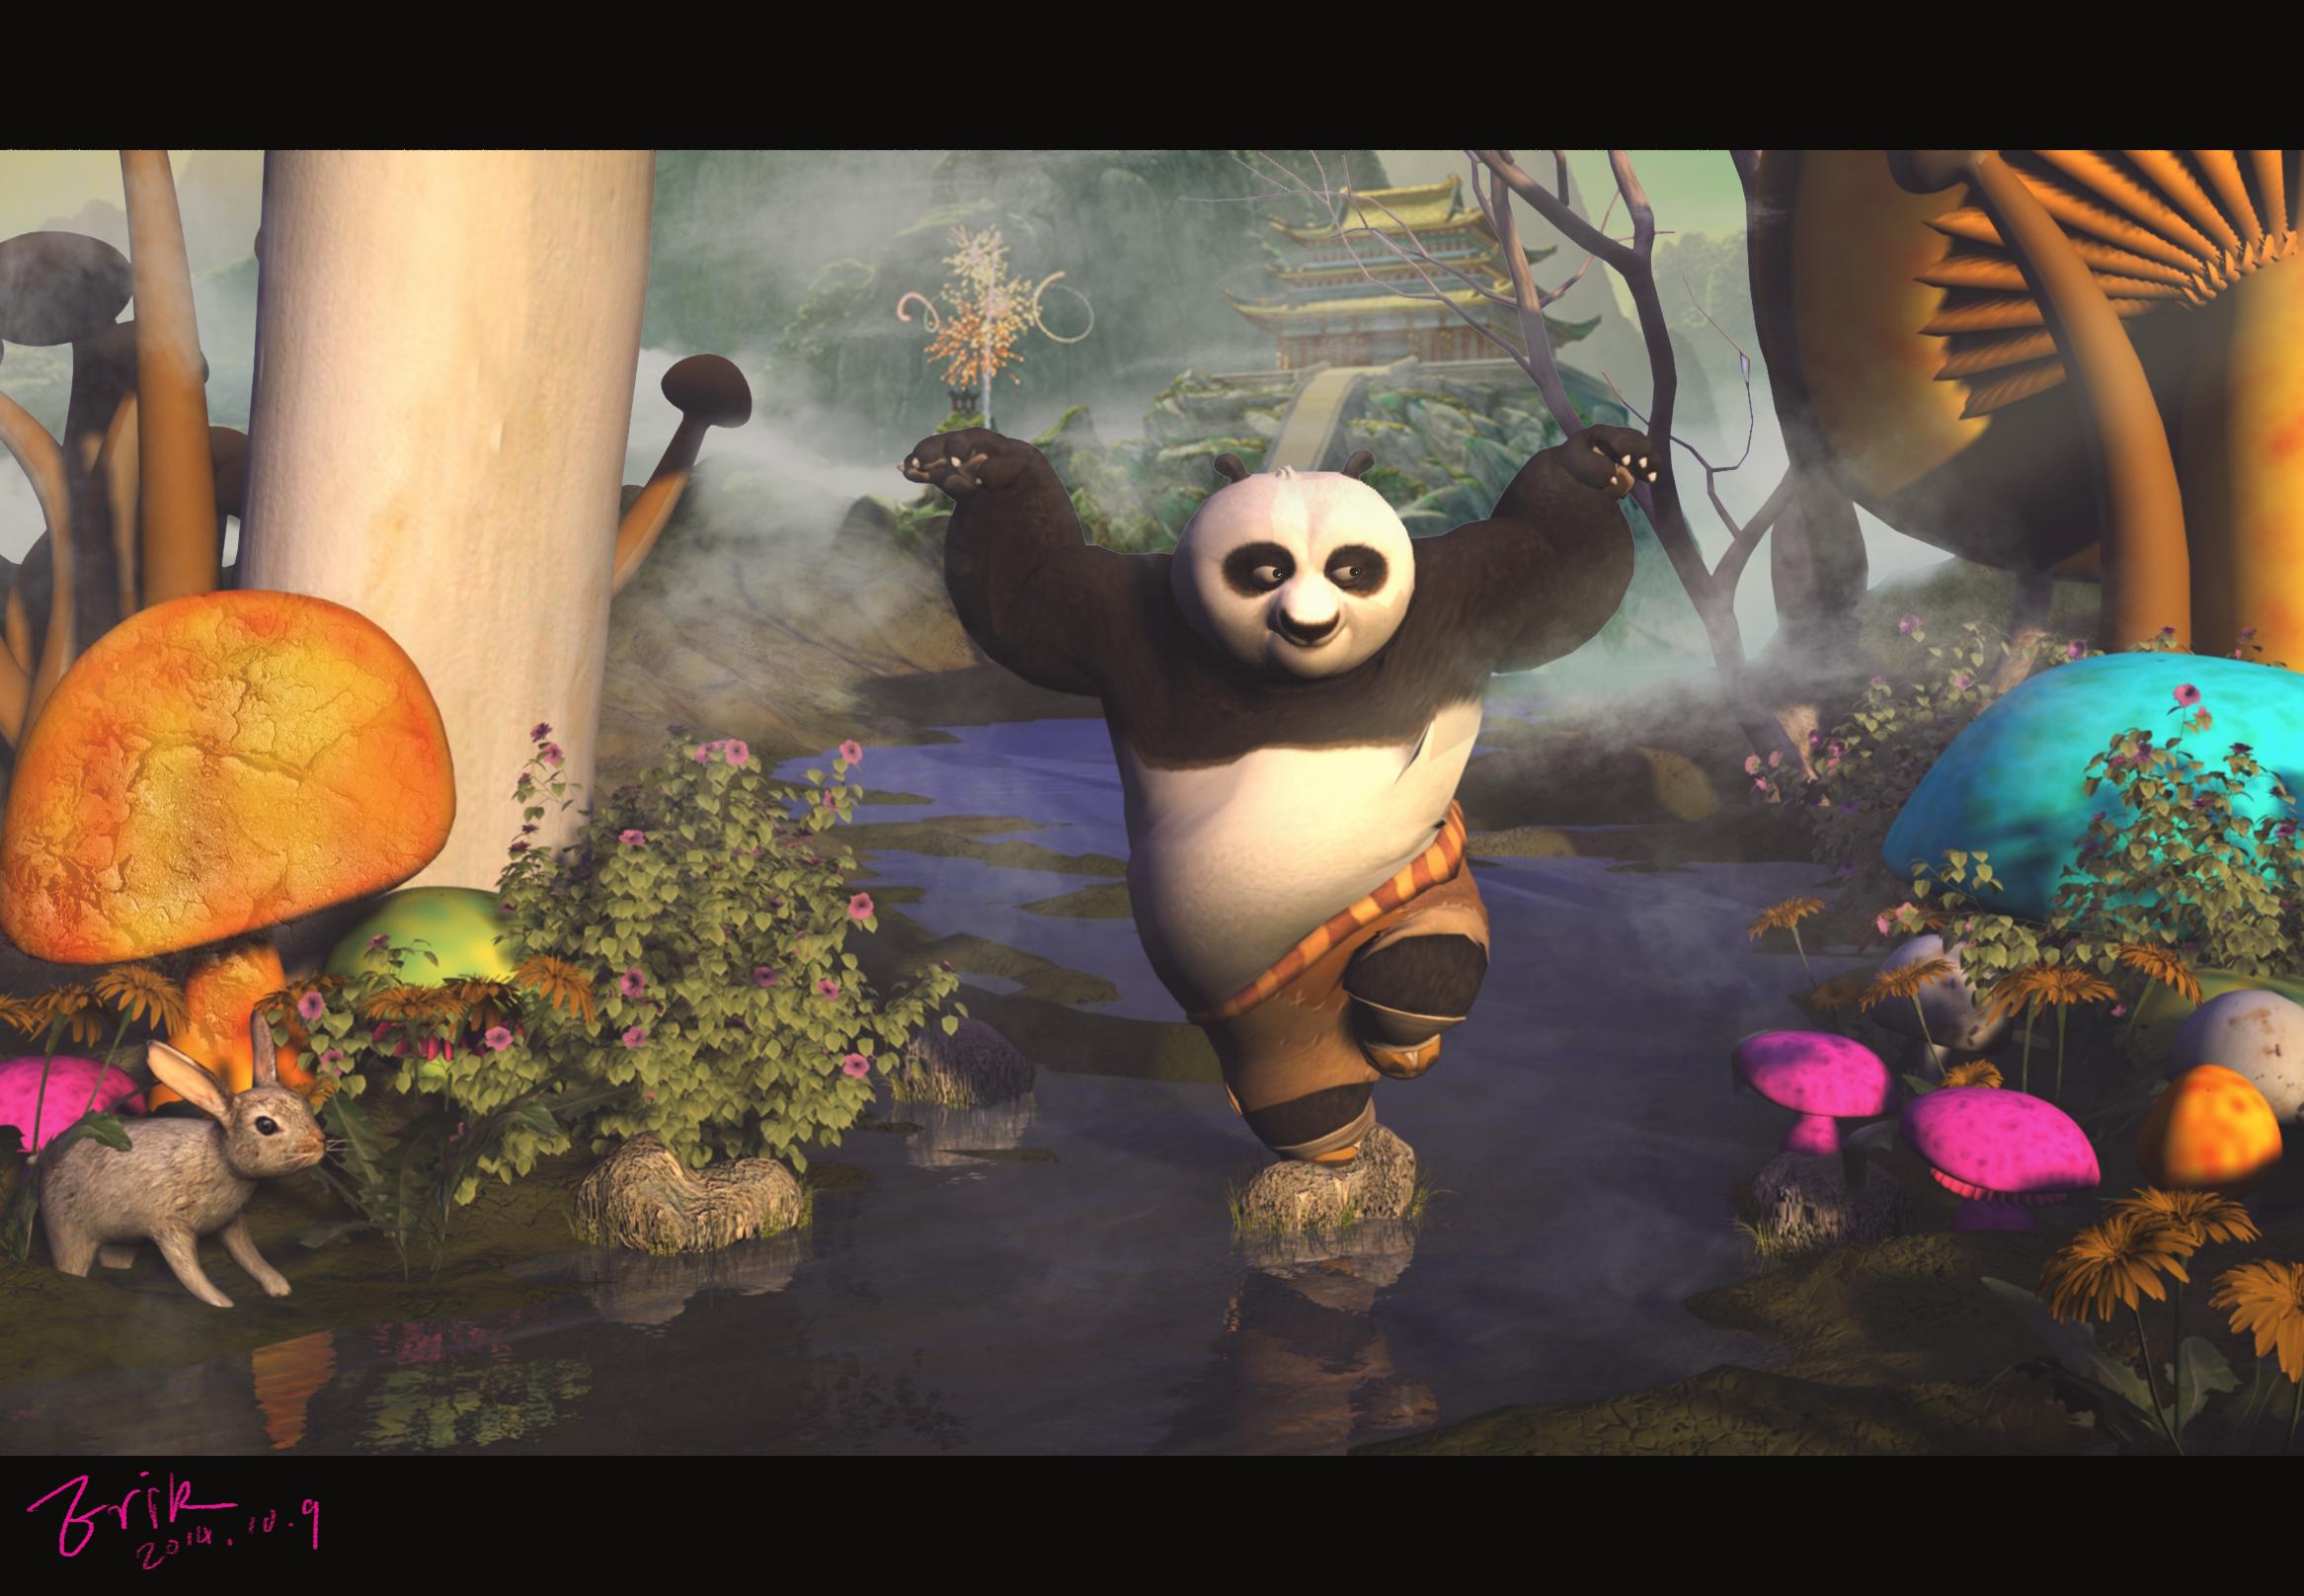 功夫熊猫|三维|场景|lhkkyo - 原创作品 - 站酷